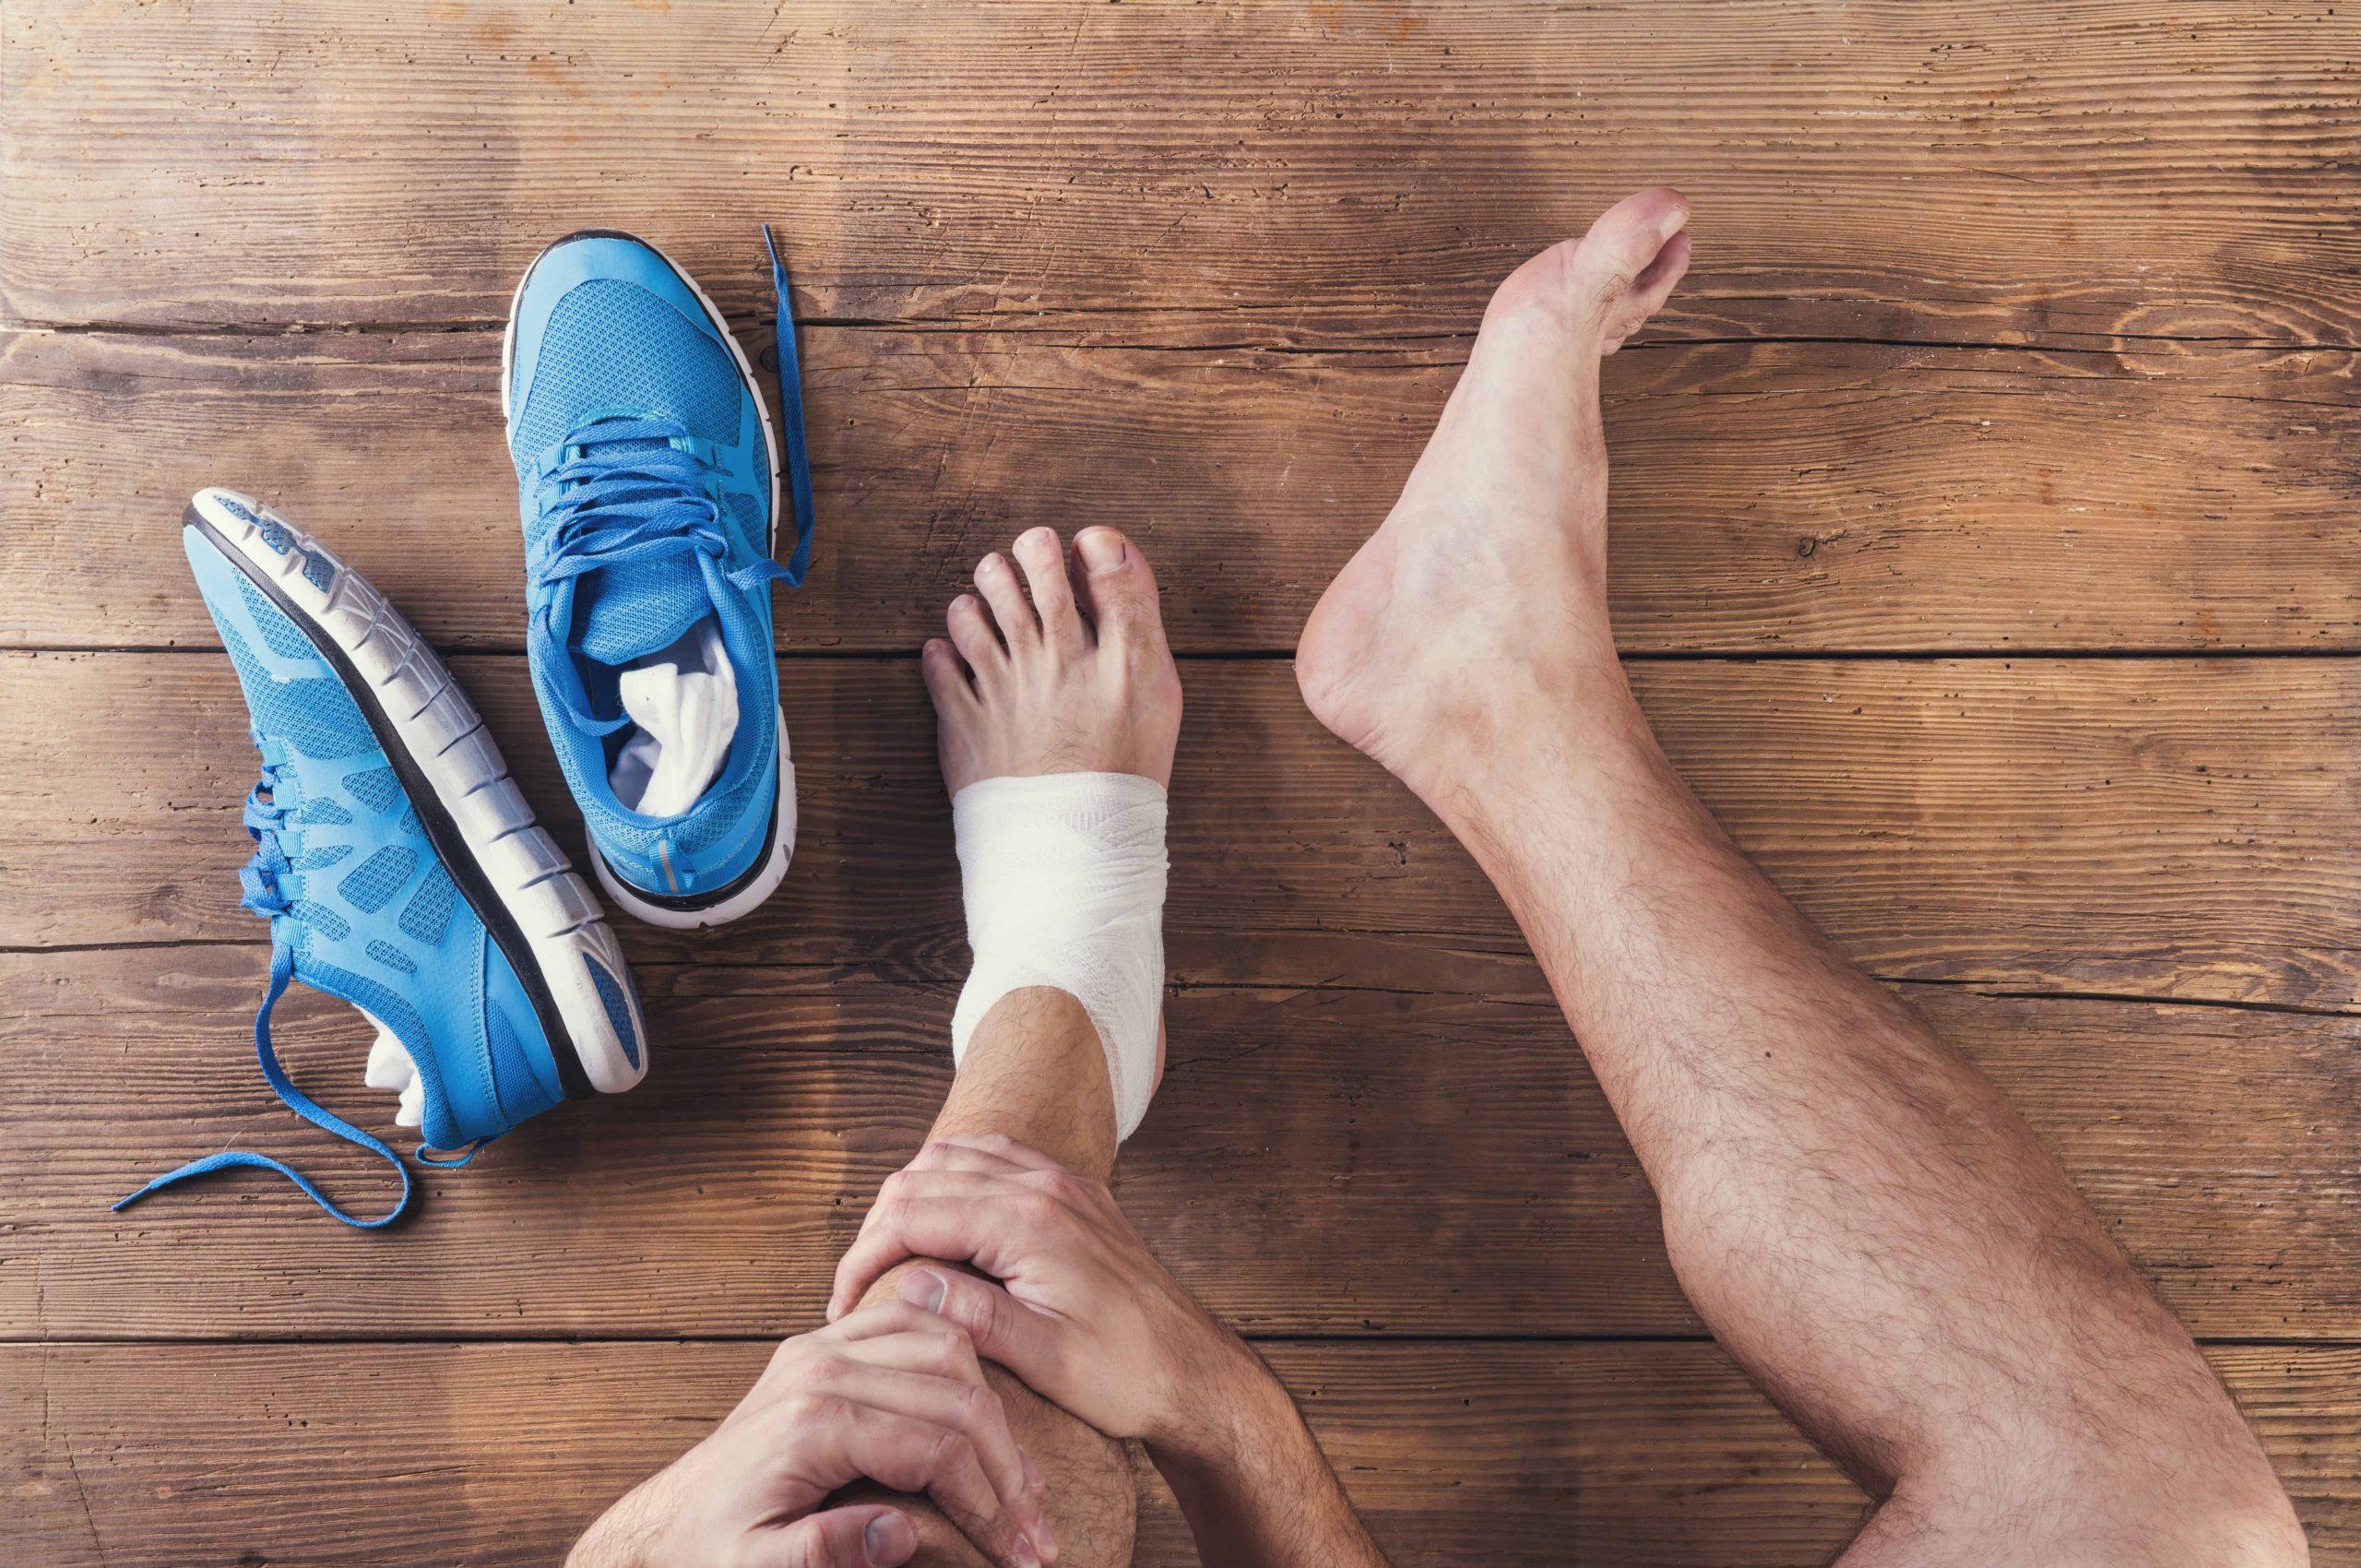 Antinflamatorios tópicos: ¿Cuál es el mejor del 2020?